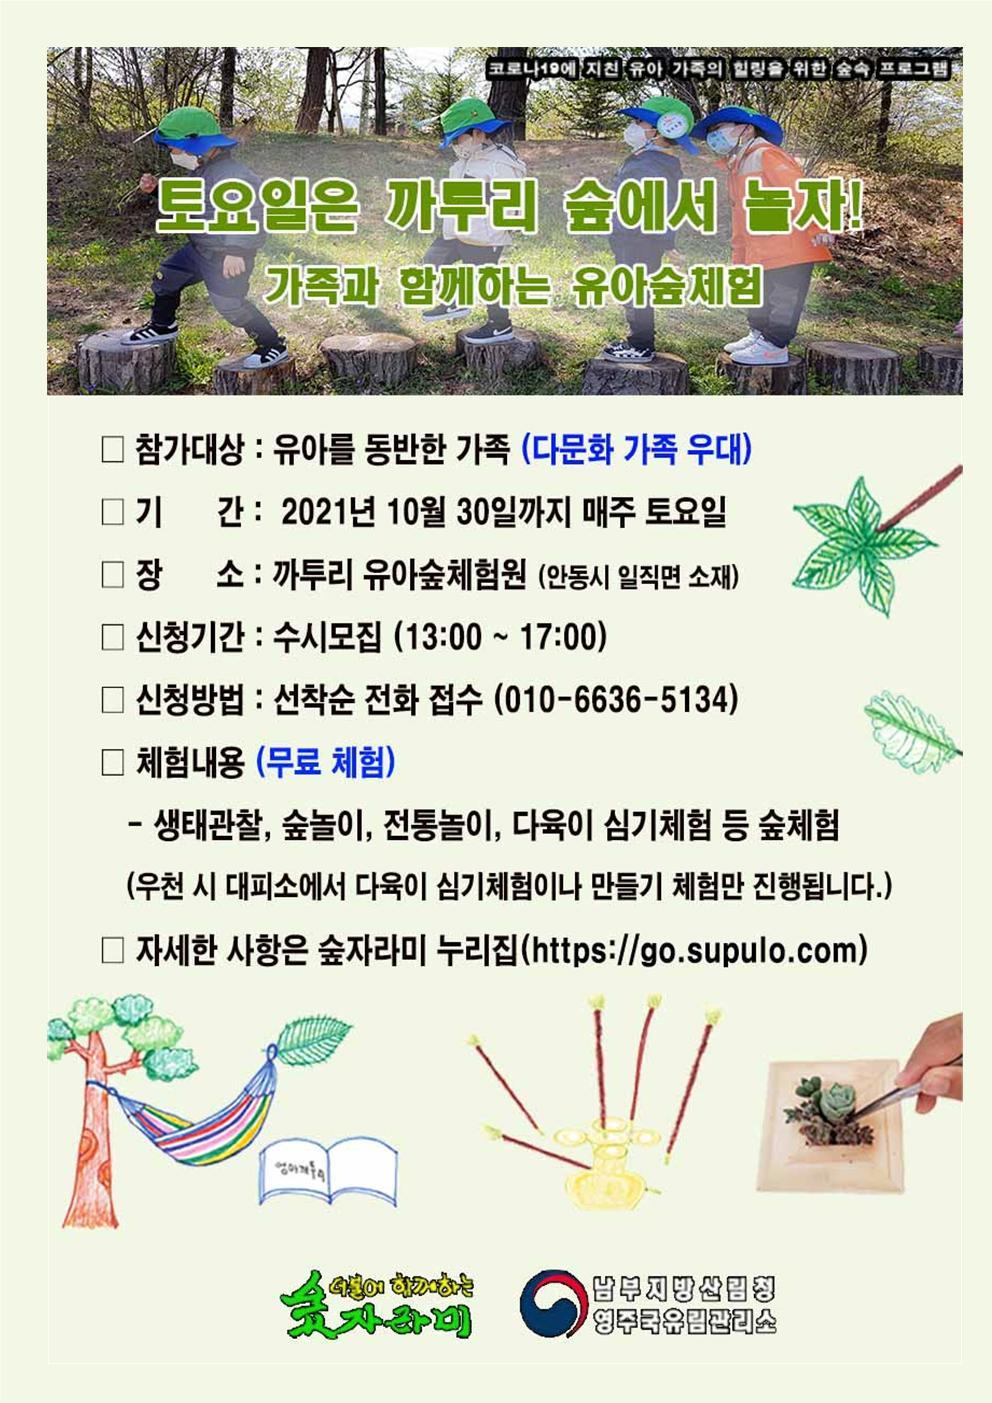 숲 체험 실시 안내문 토요일_배포용001.jpg